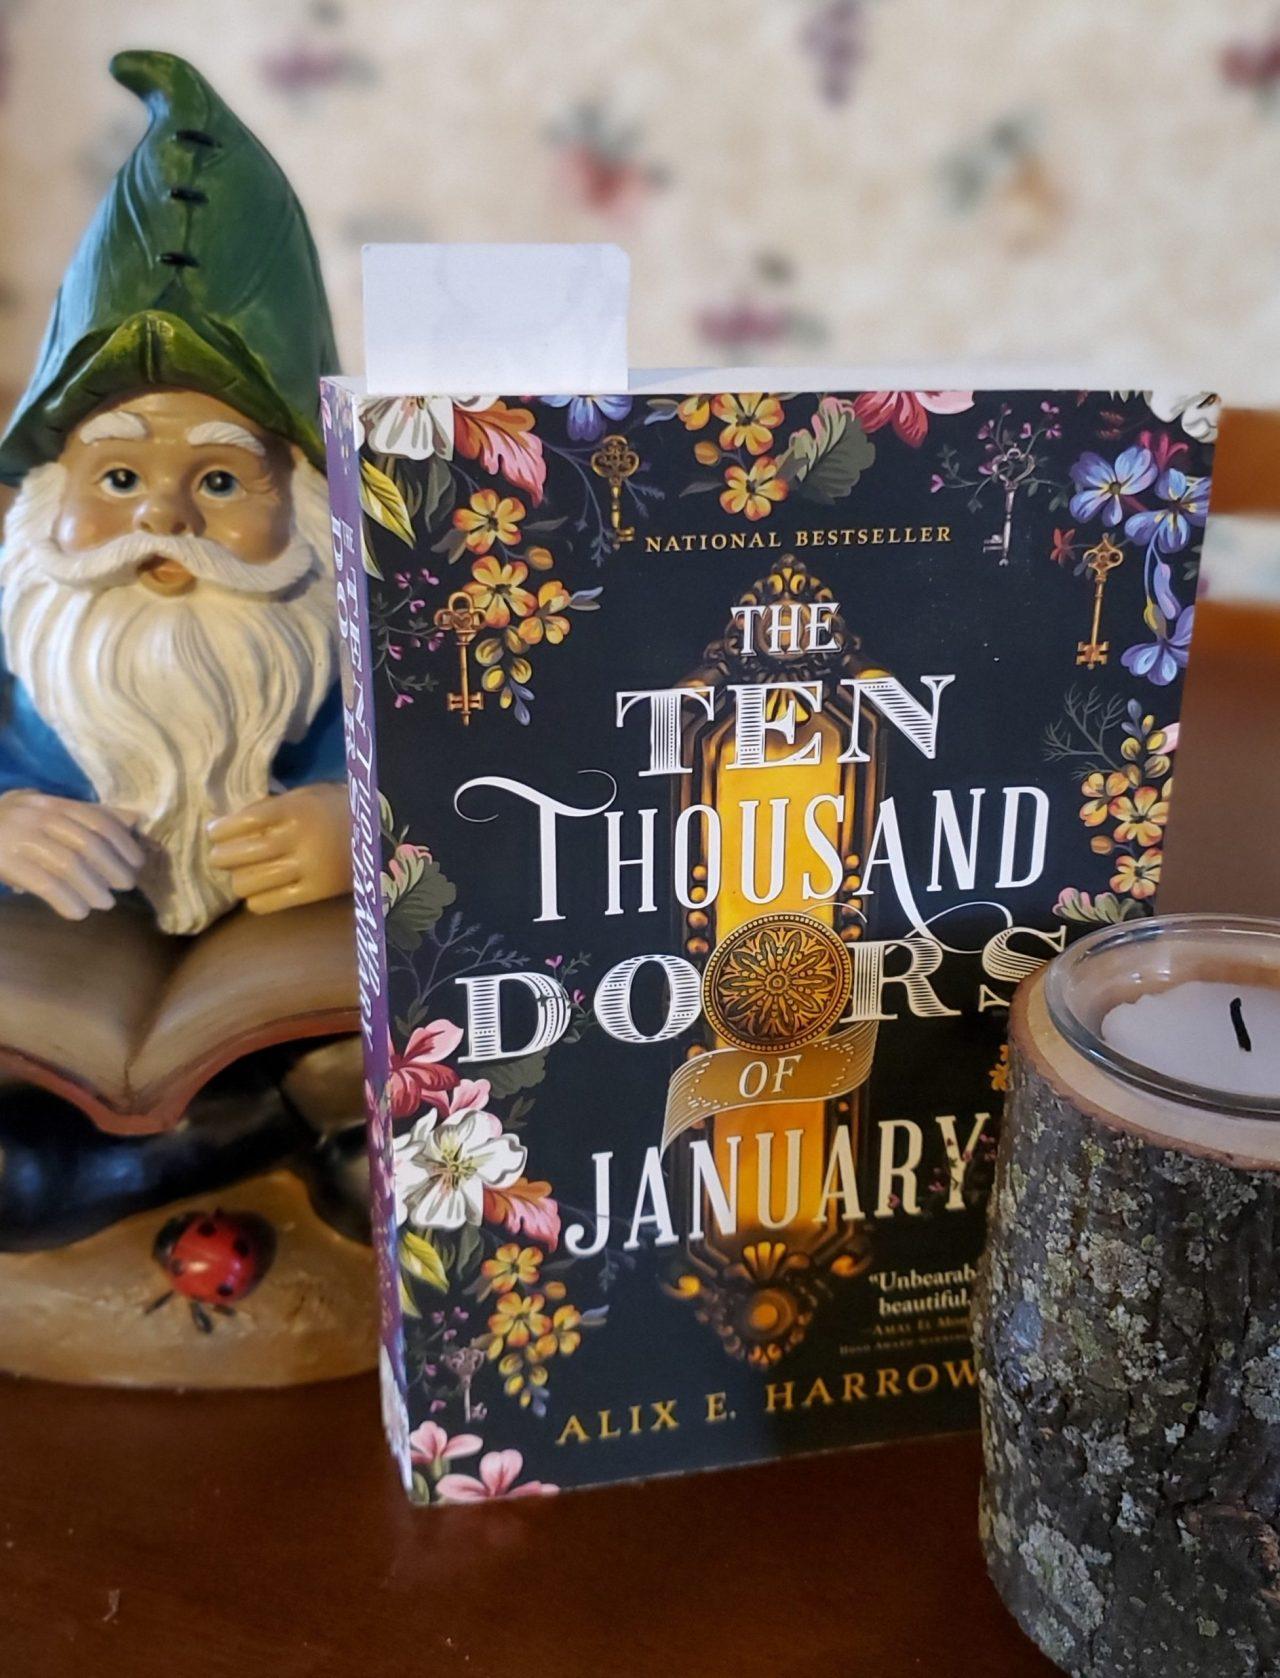 Book and gnome